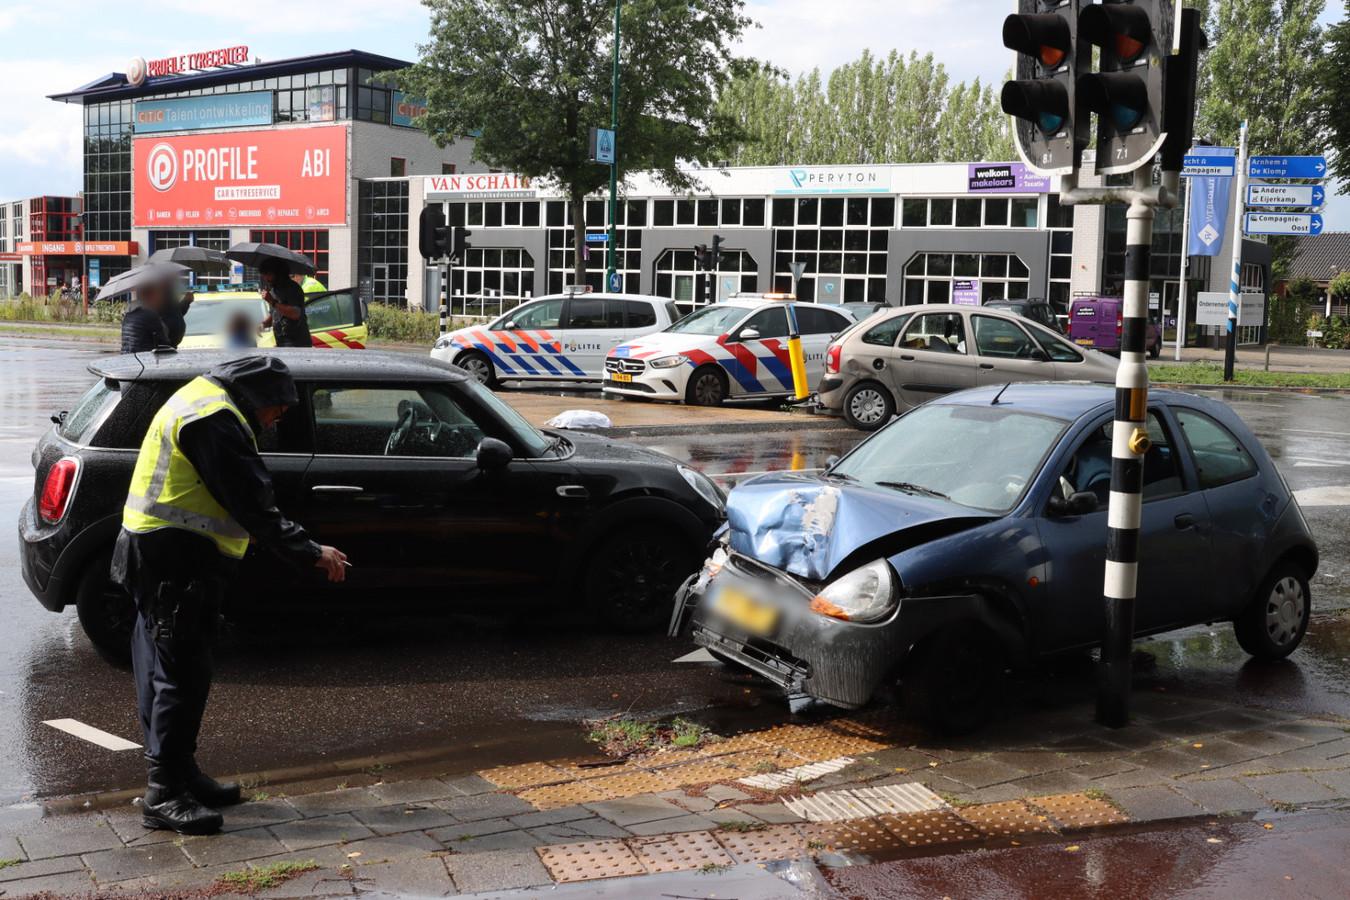 Bij het ongeval op de kruising van de Grote Beer en de Stationsstraat in Veenendaal waren drie auto's betrokken.